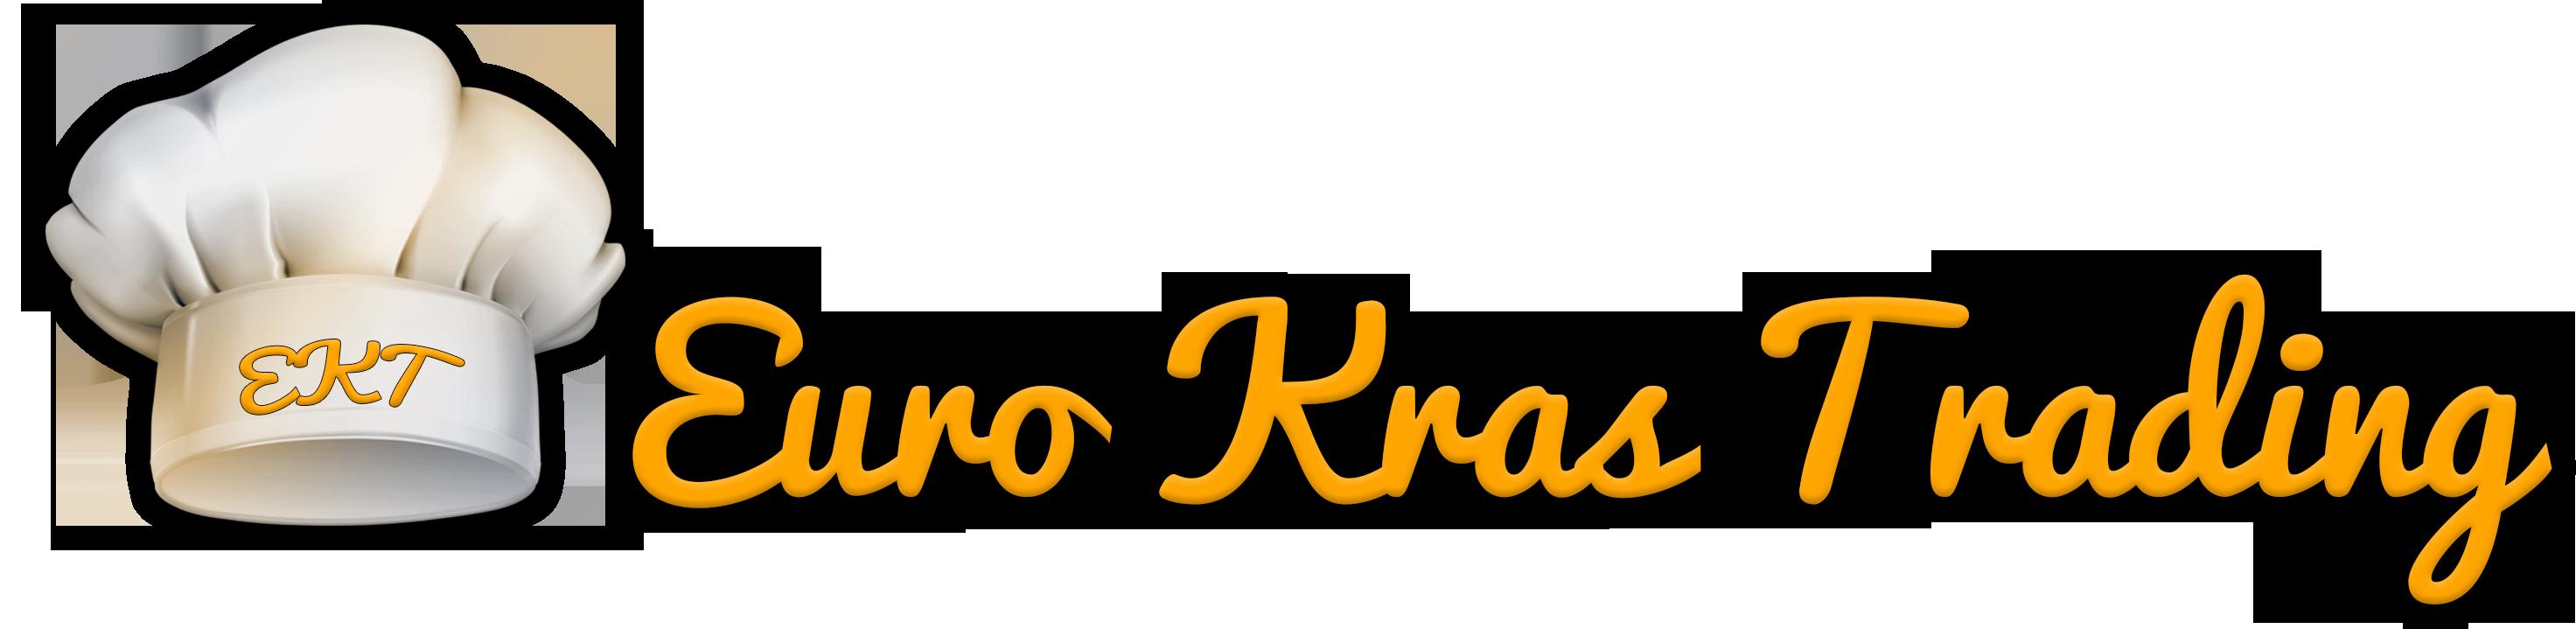 Euro Kras Trading